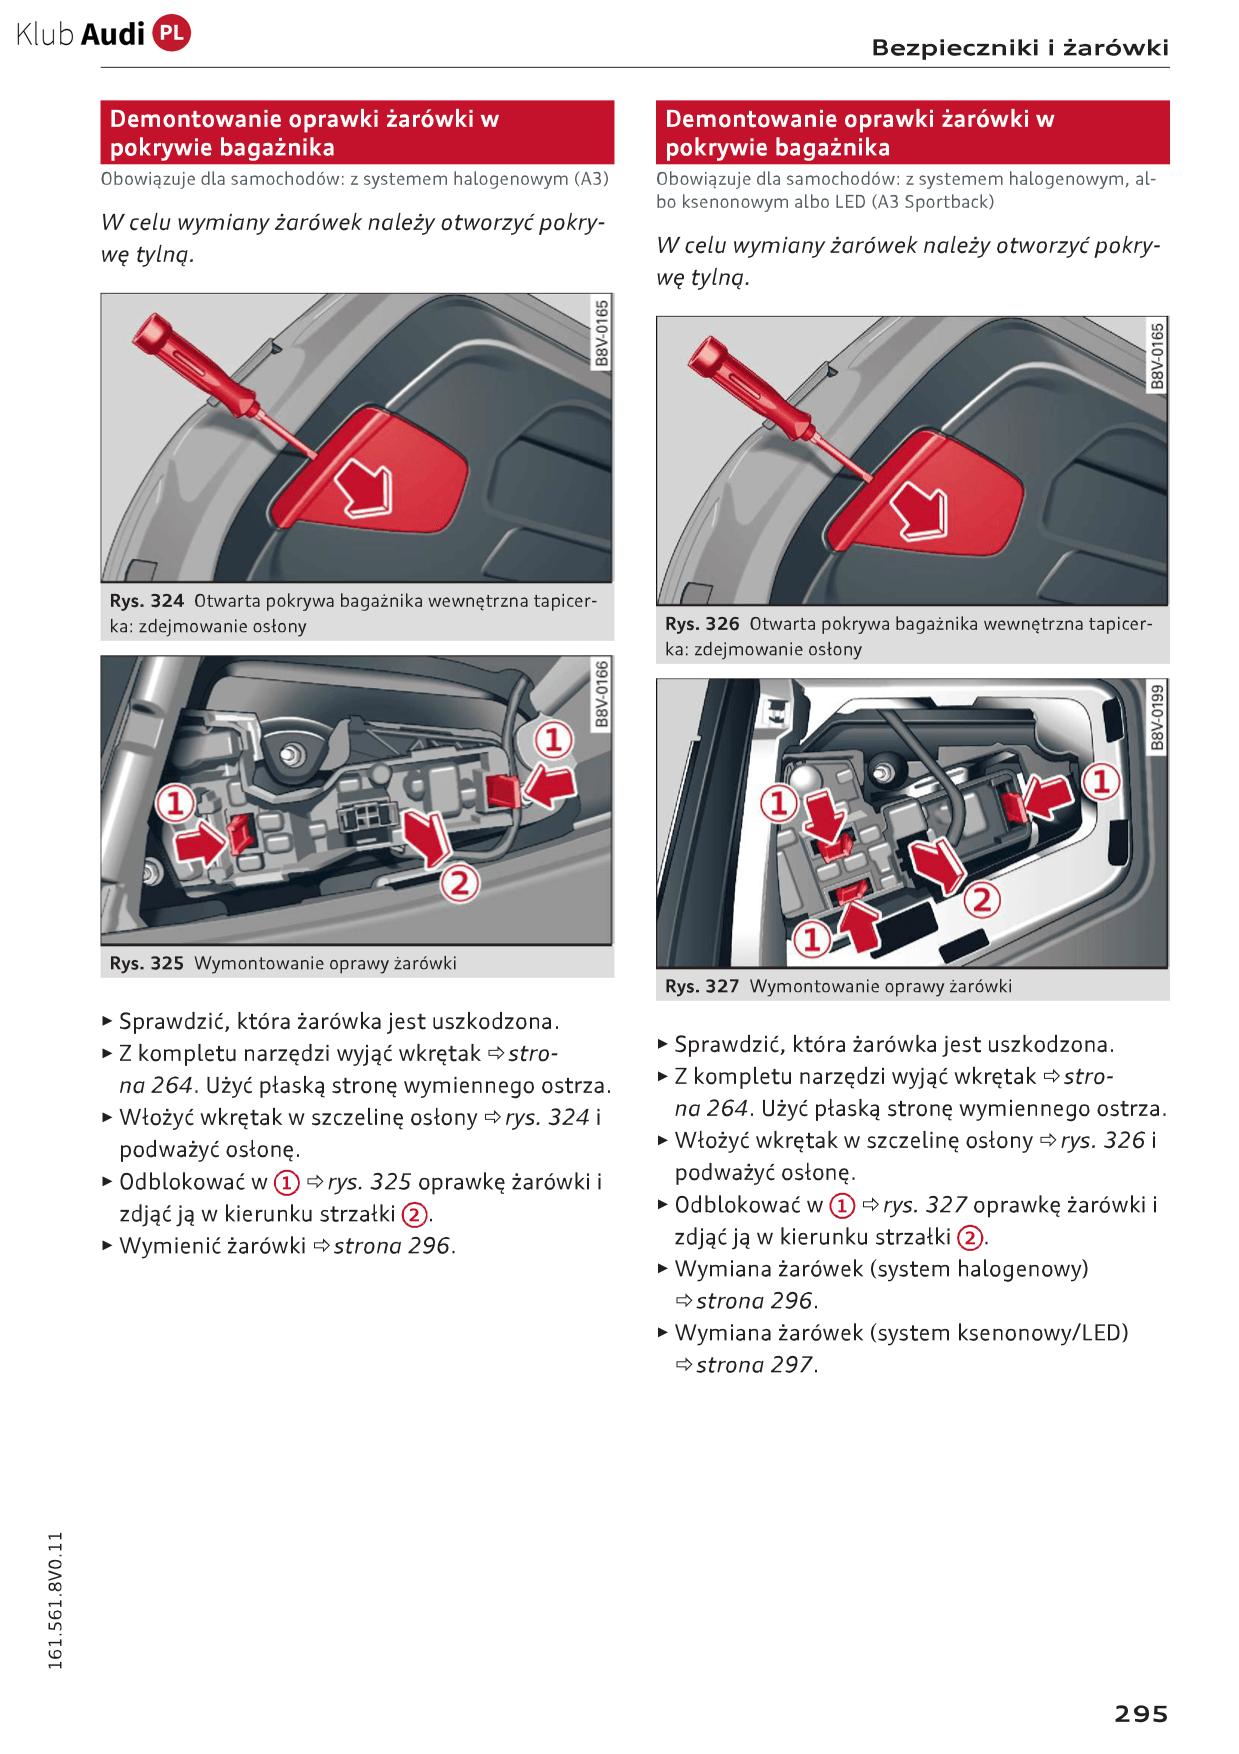 Wymiana żarówki Audi A3 8v